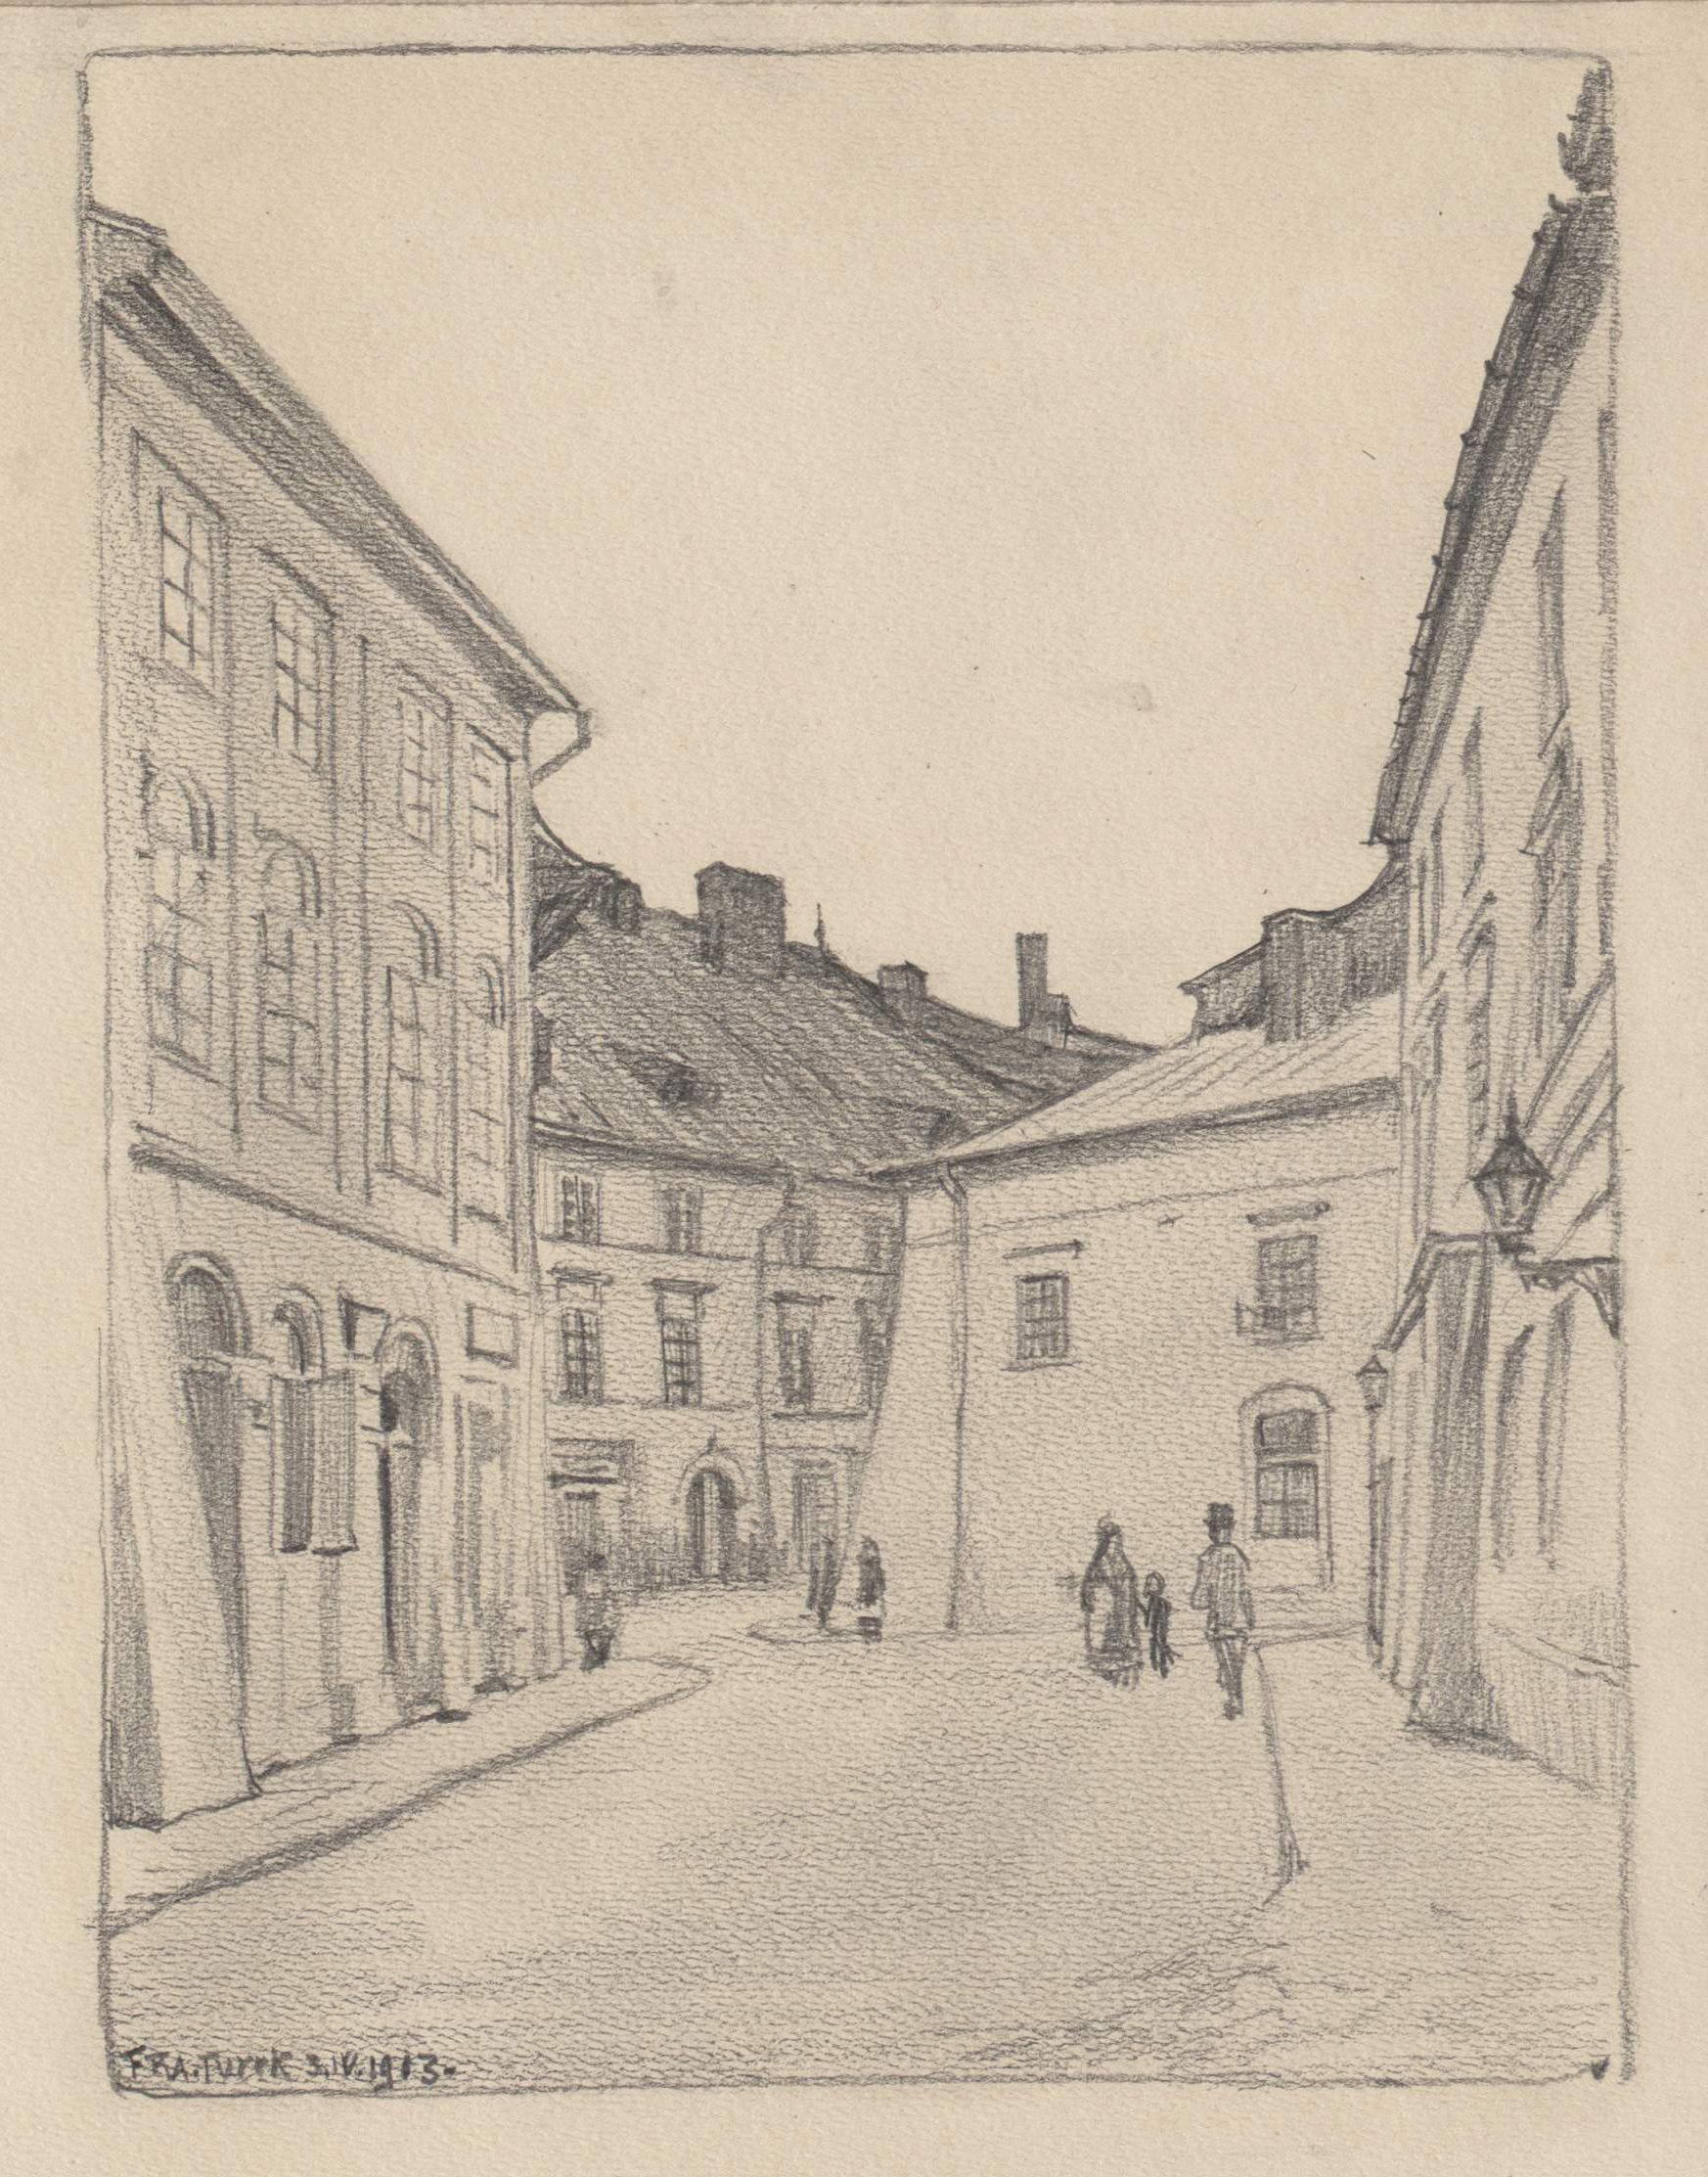 Rysunek ołówkiem przedstawiający widok spod domu przy ul.Mikołajskiej 26 wkierunku skrzyżowania ulicy św.Krzyża iMikołajskiej, wśrodku kadru jednopiętrowy dom Bractwa Miłosierdzia Bożego